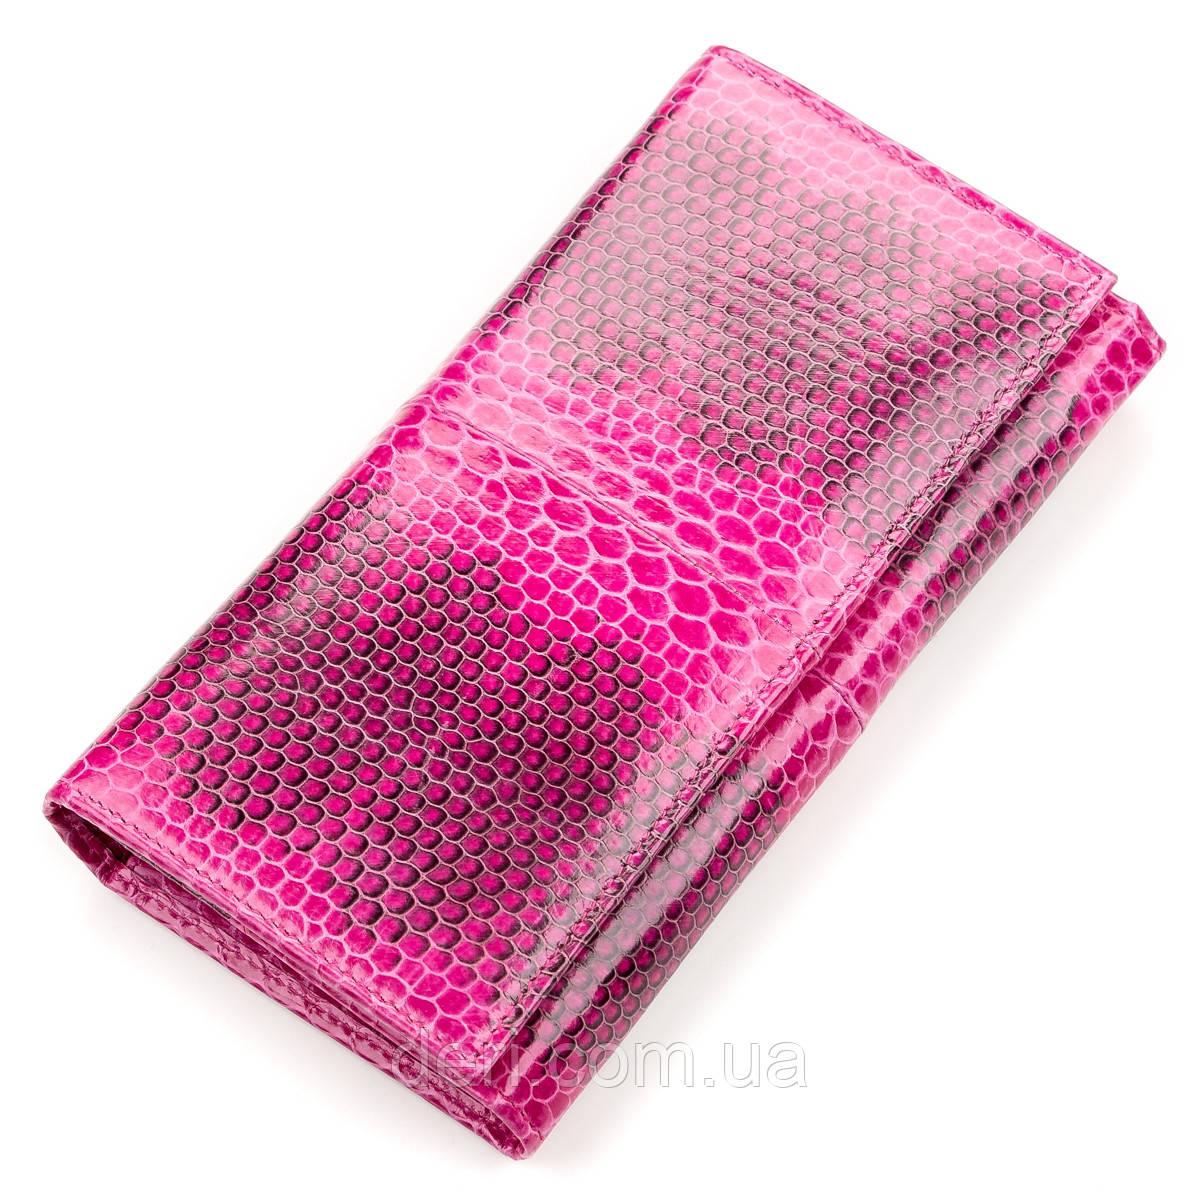 Кошелек женский SEA SNAKE LEATHER из натуральной кожи морской змеи Розовый, Розовый